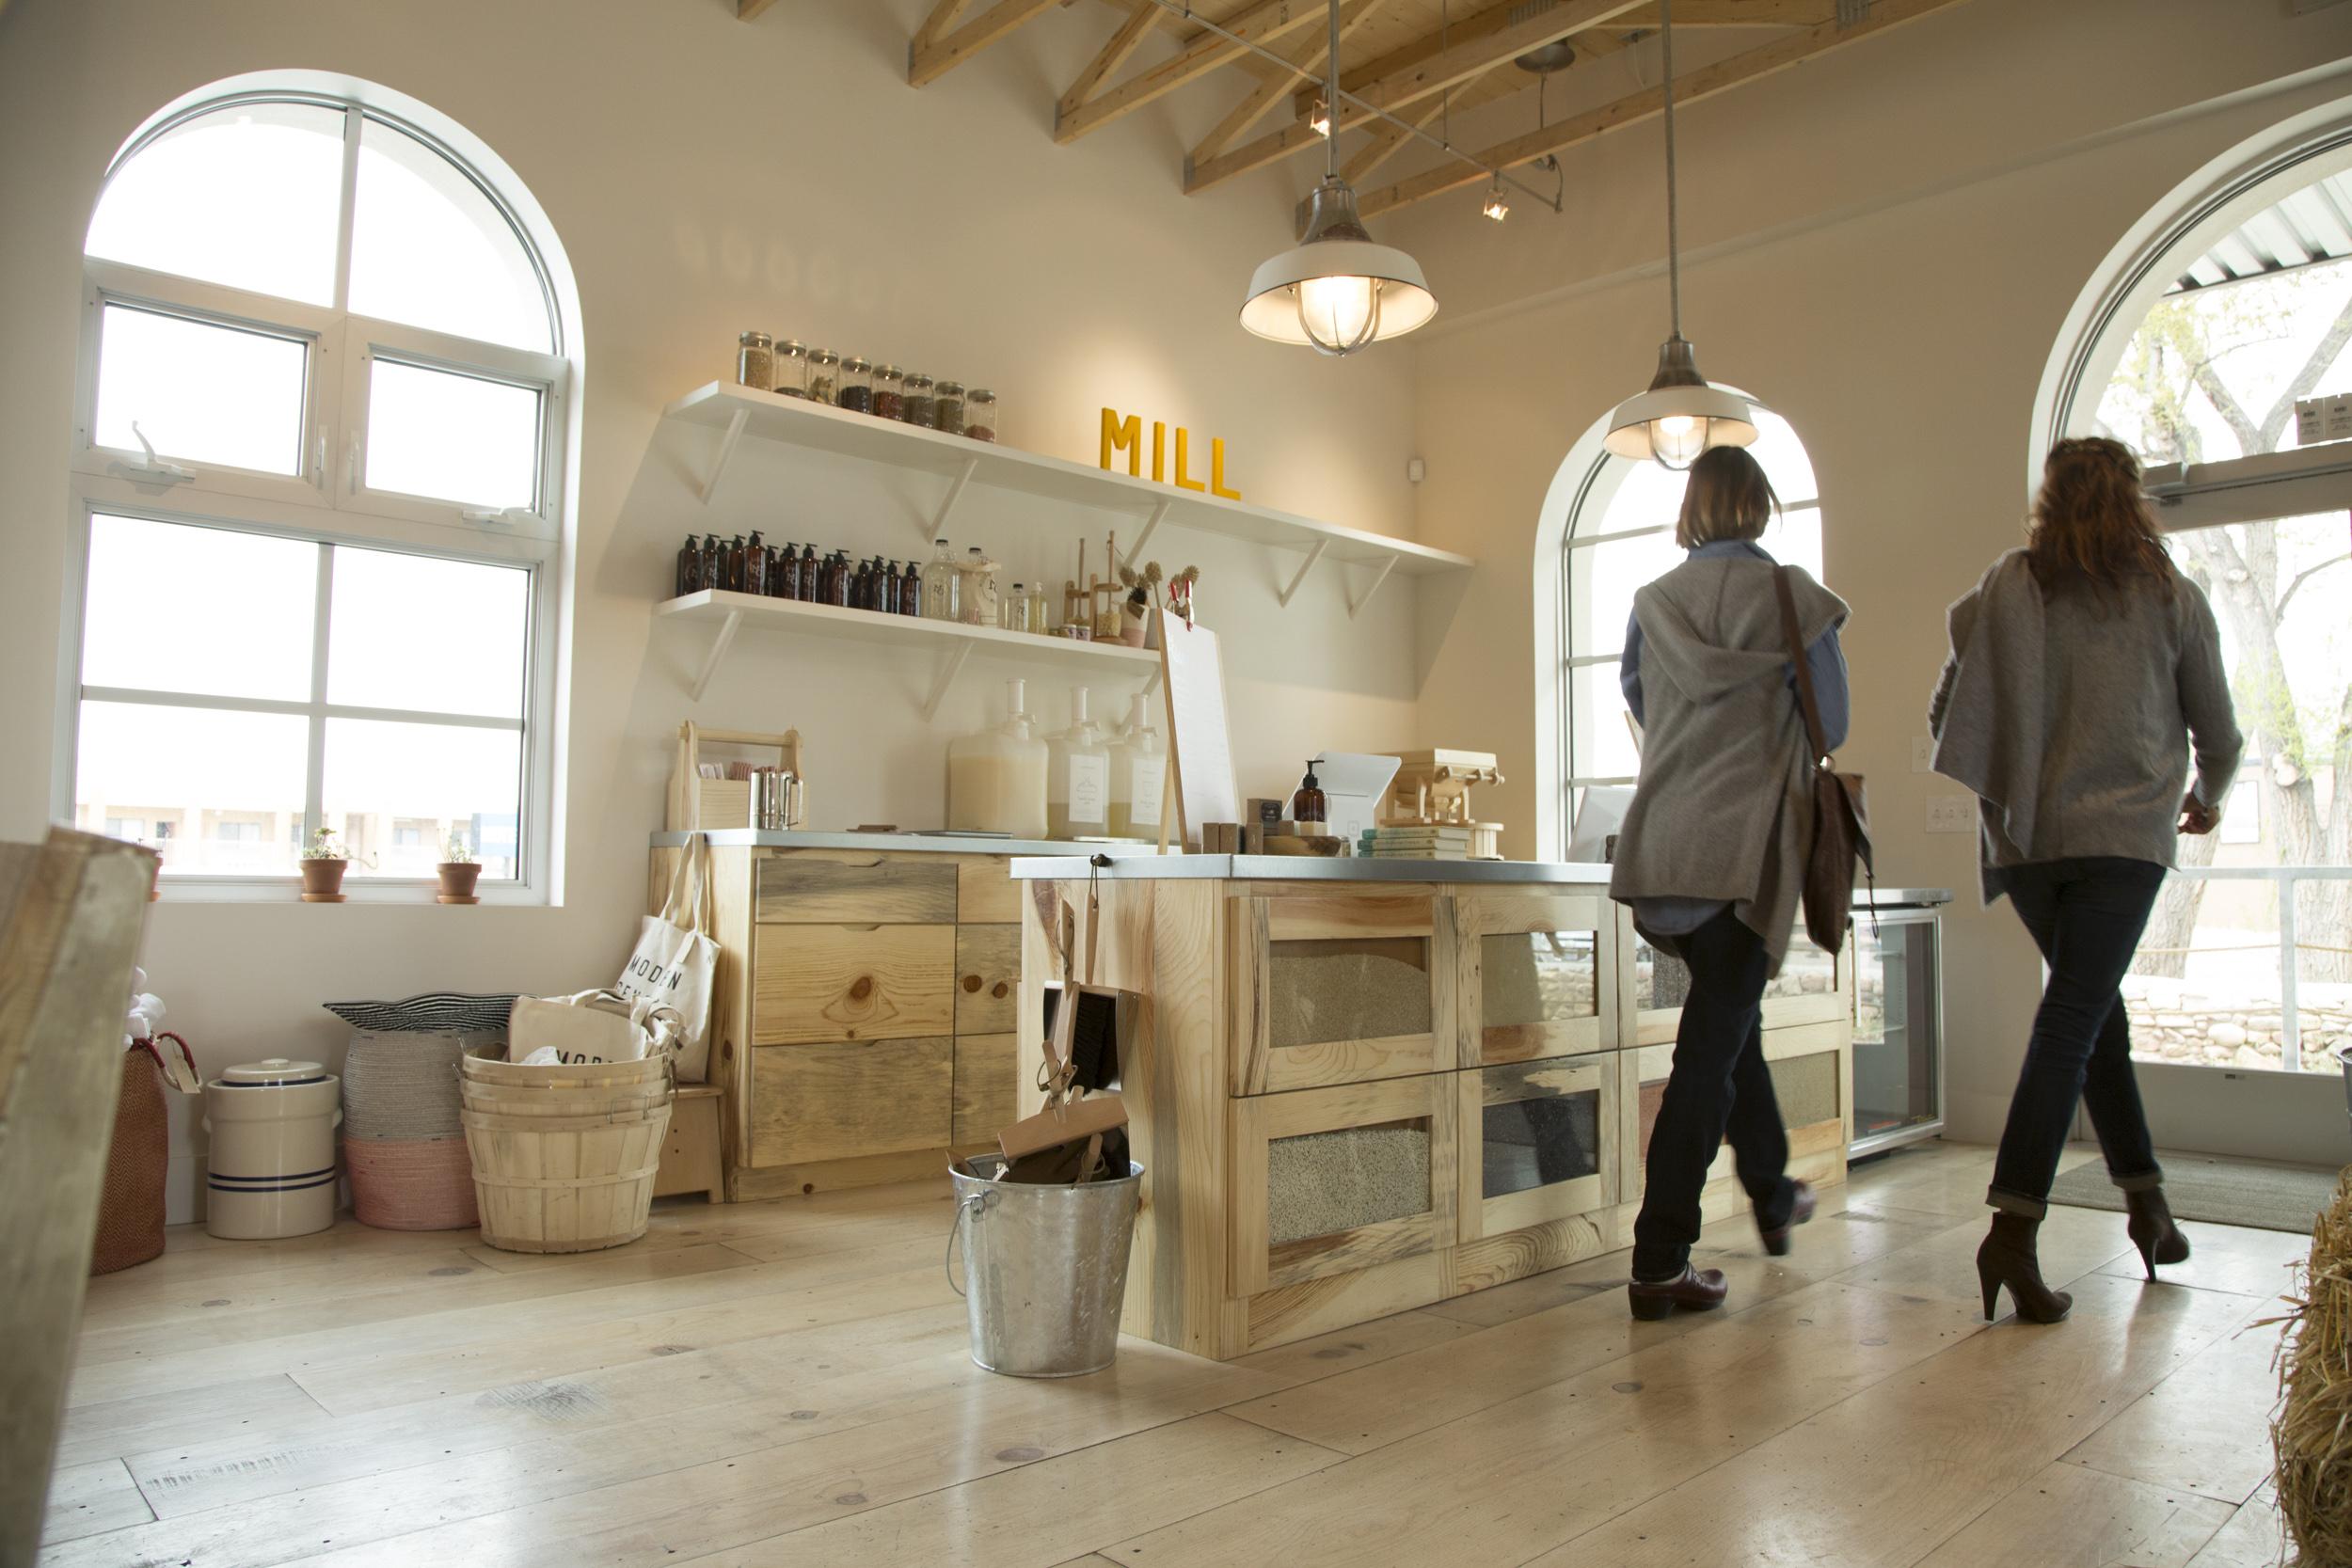 Furniture consignment stores in santa fe nm - Modern General Santa Fe